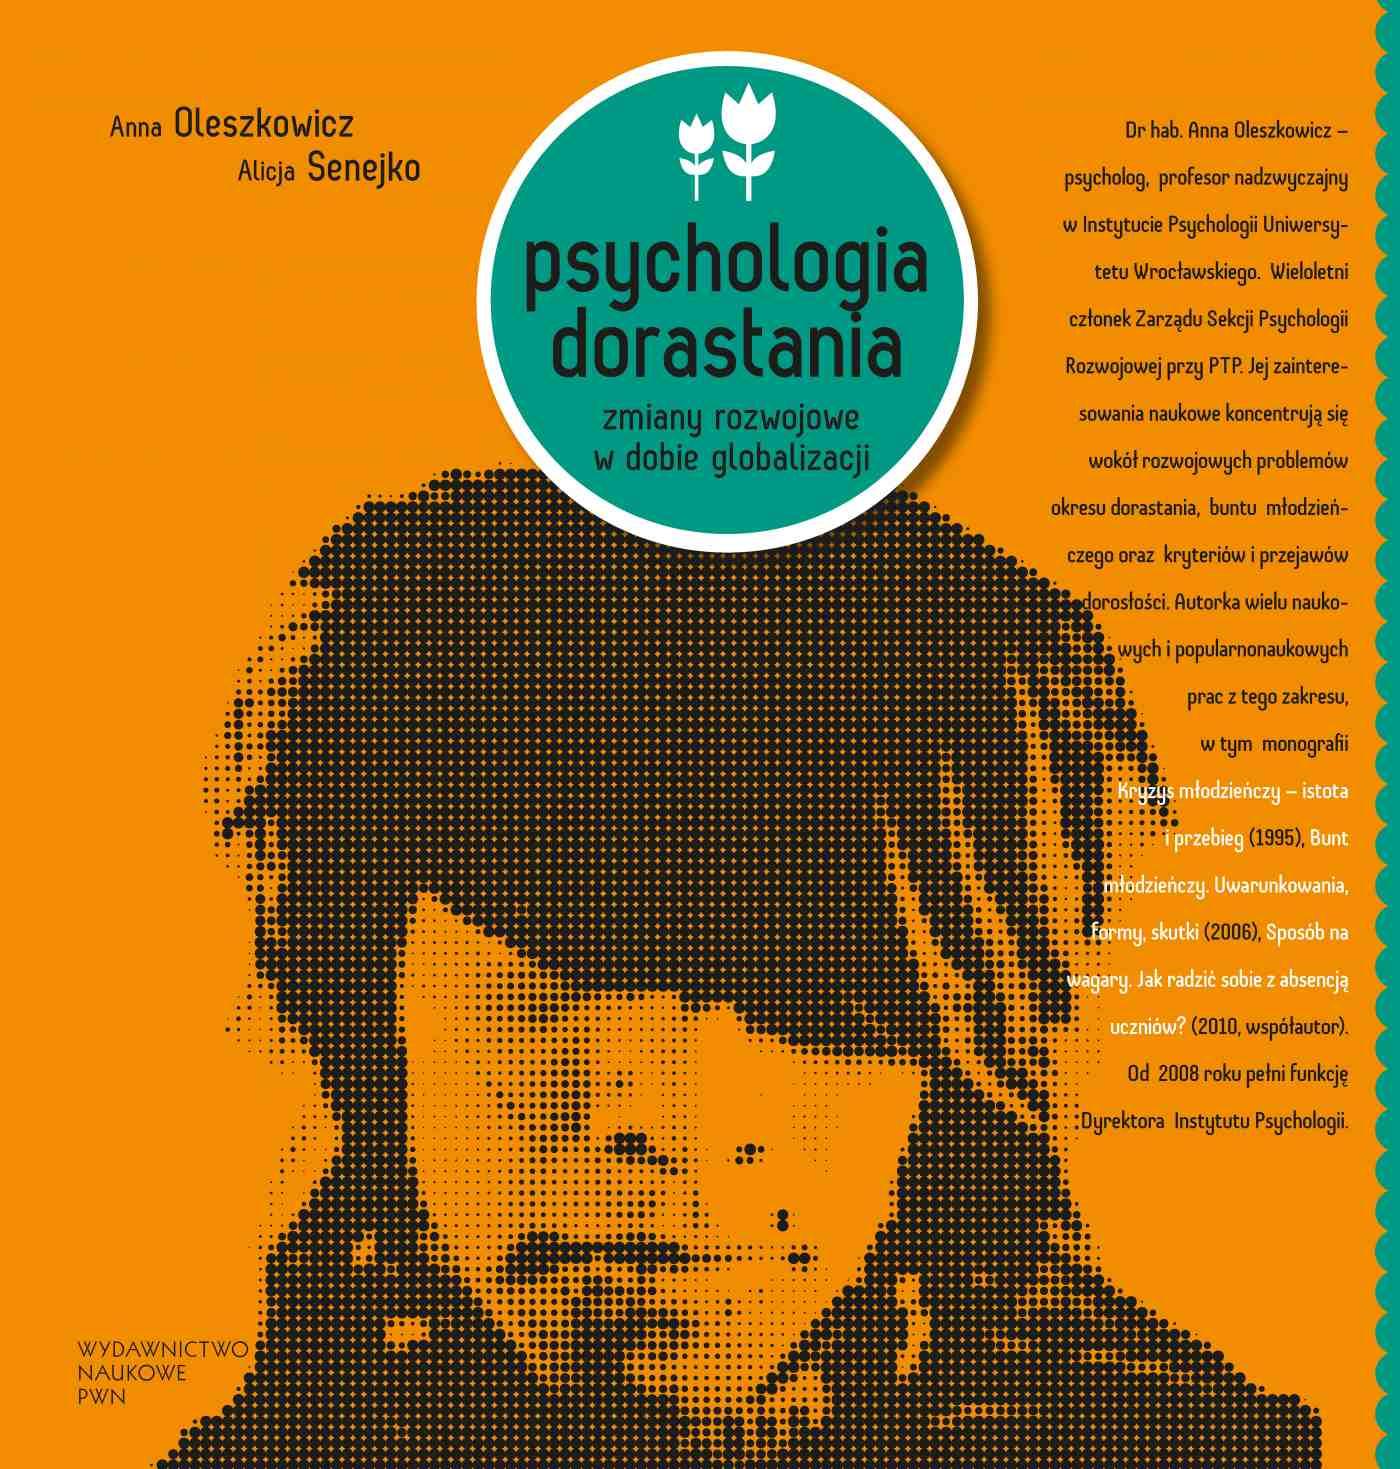 Psychologia dorastania. Zmiany rozwojowe w dobie globalizacji - Ebook (Książka na Kindle) do pobrania w formacie MOBI